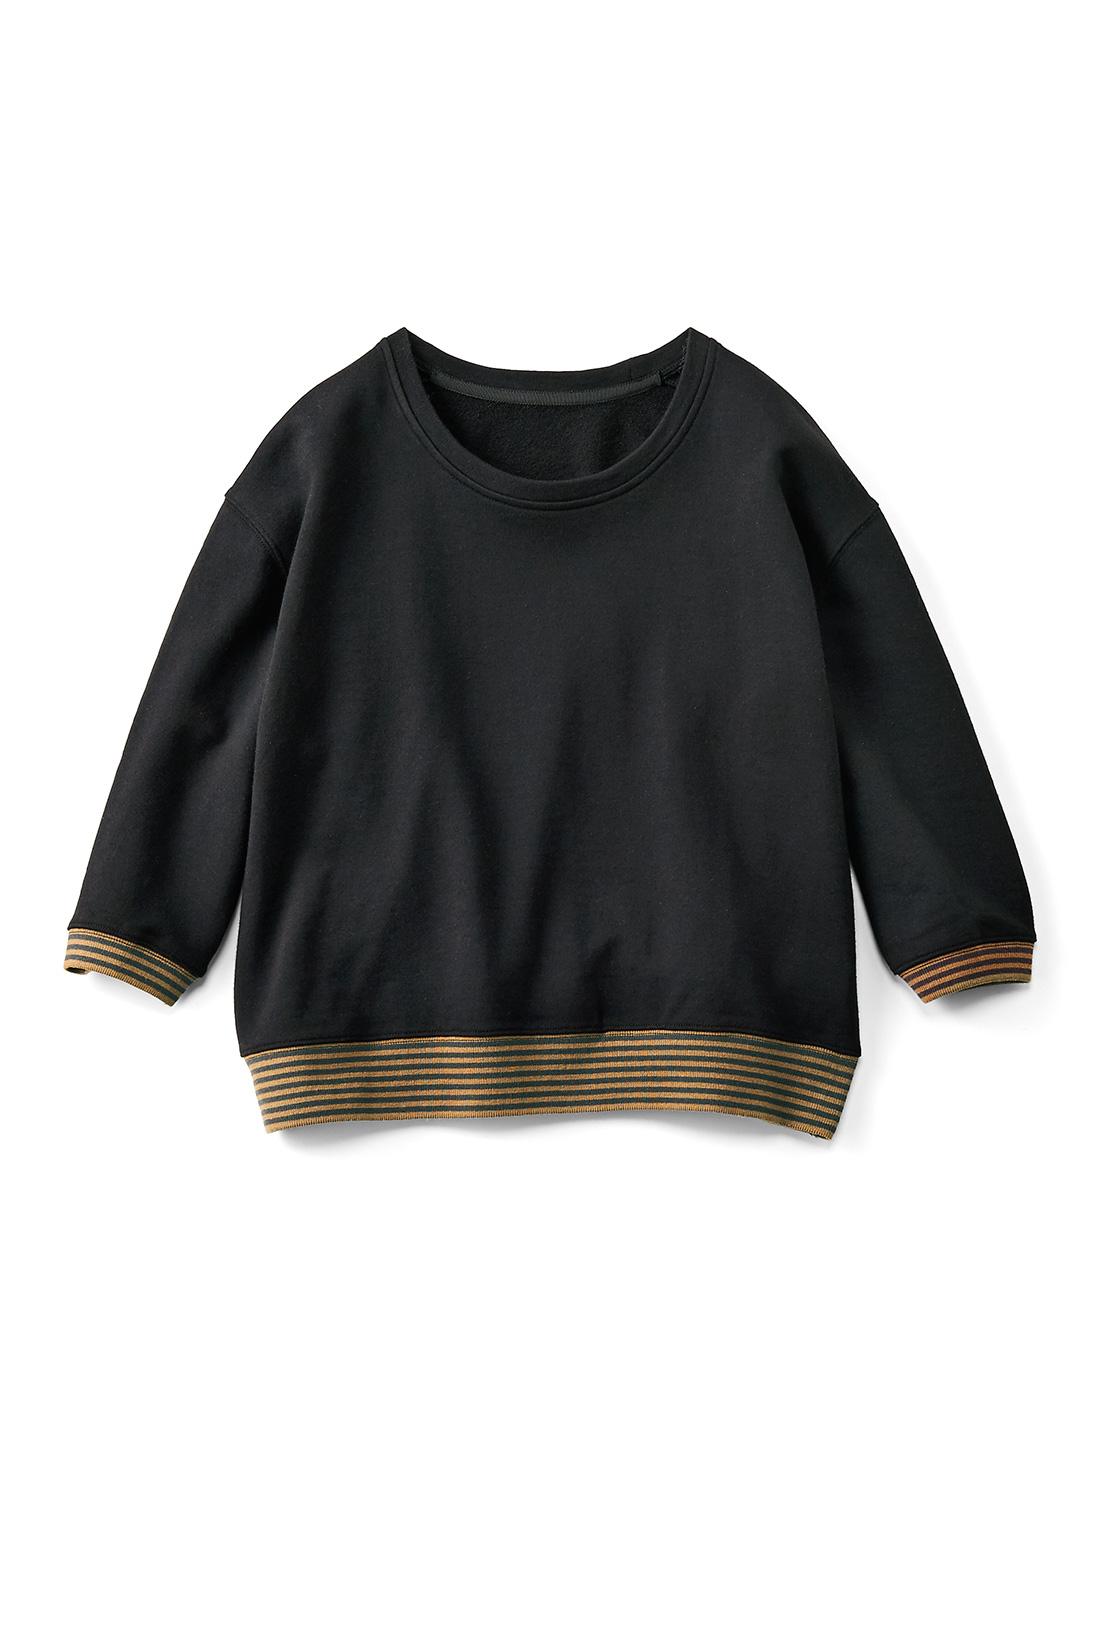 [ブラック]シルエット自慢のスウェットです。着るだけでおしゃれに見えるところが◎。